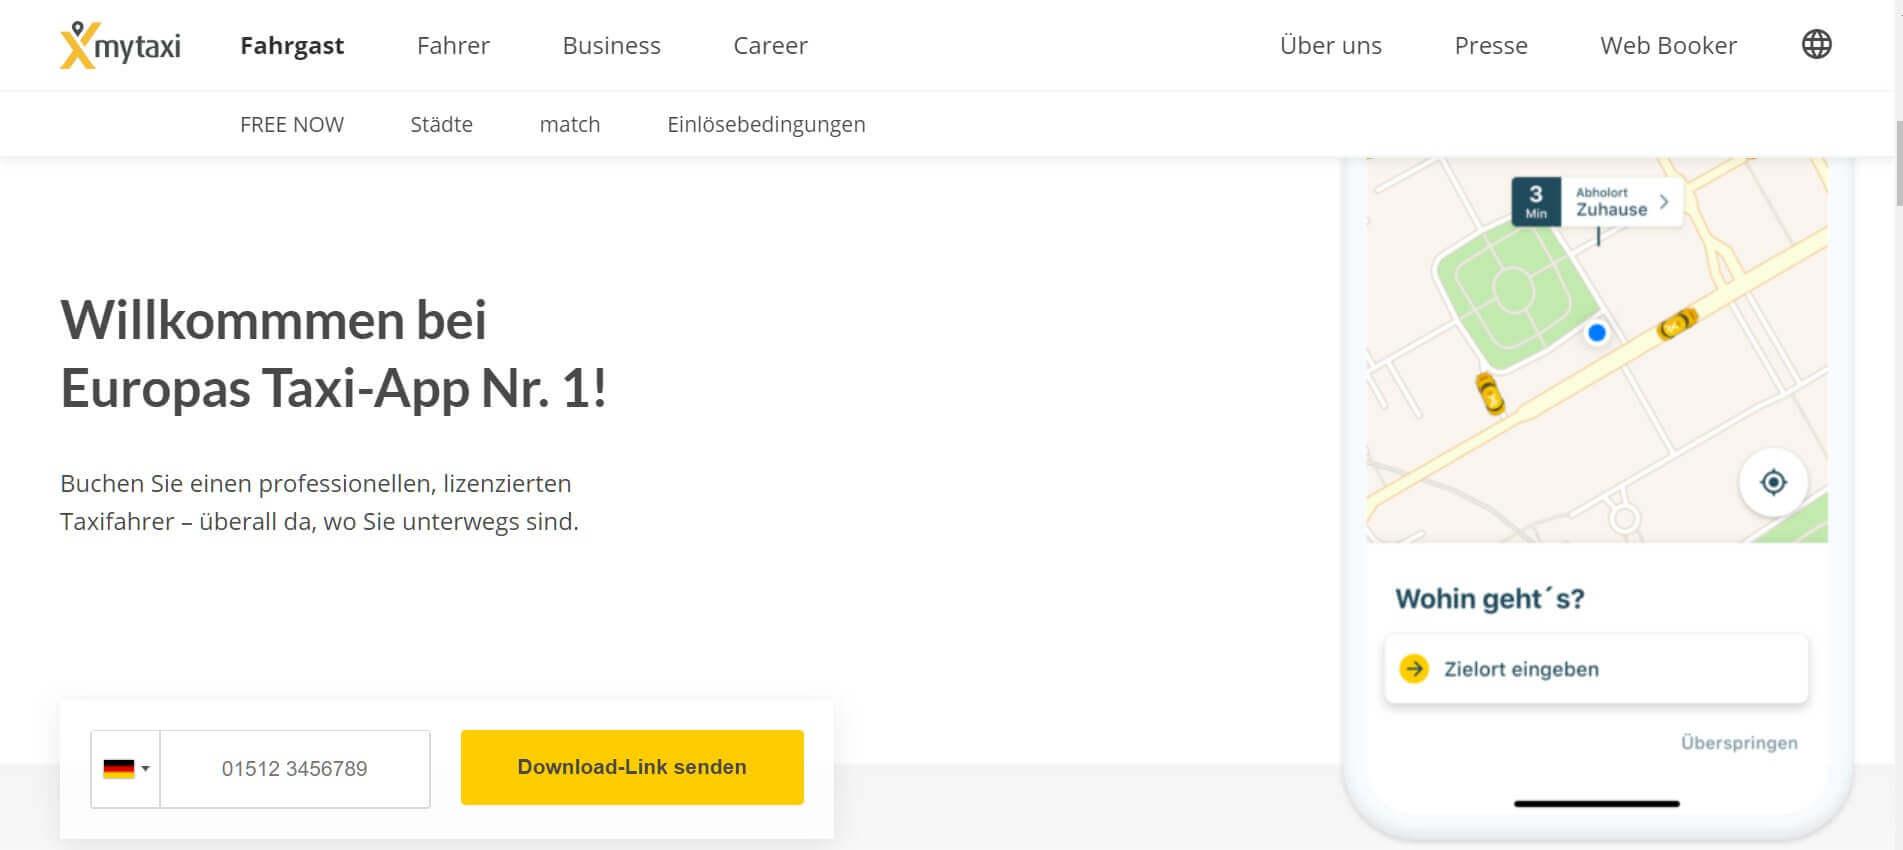 Beste Taxi App Mytaxi